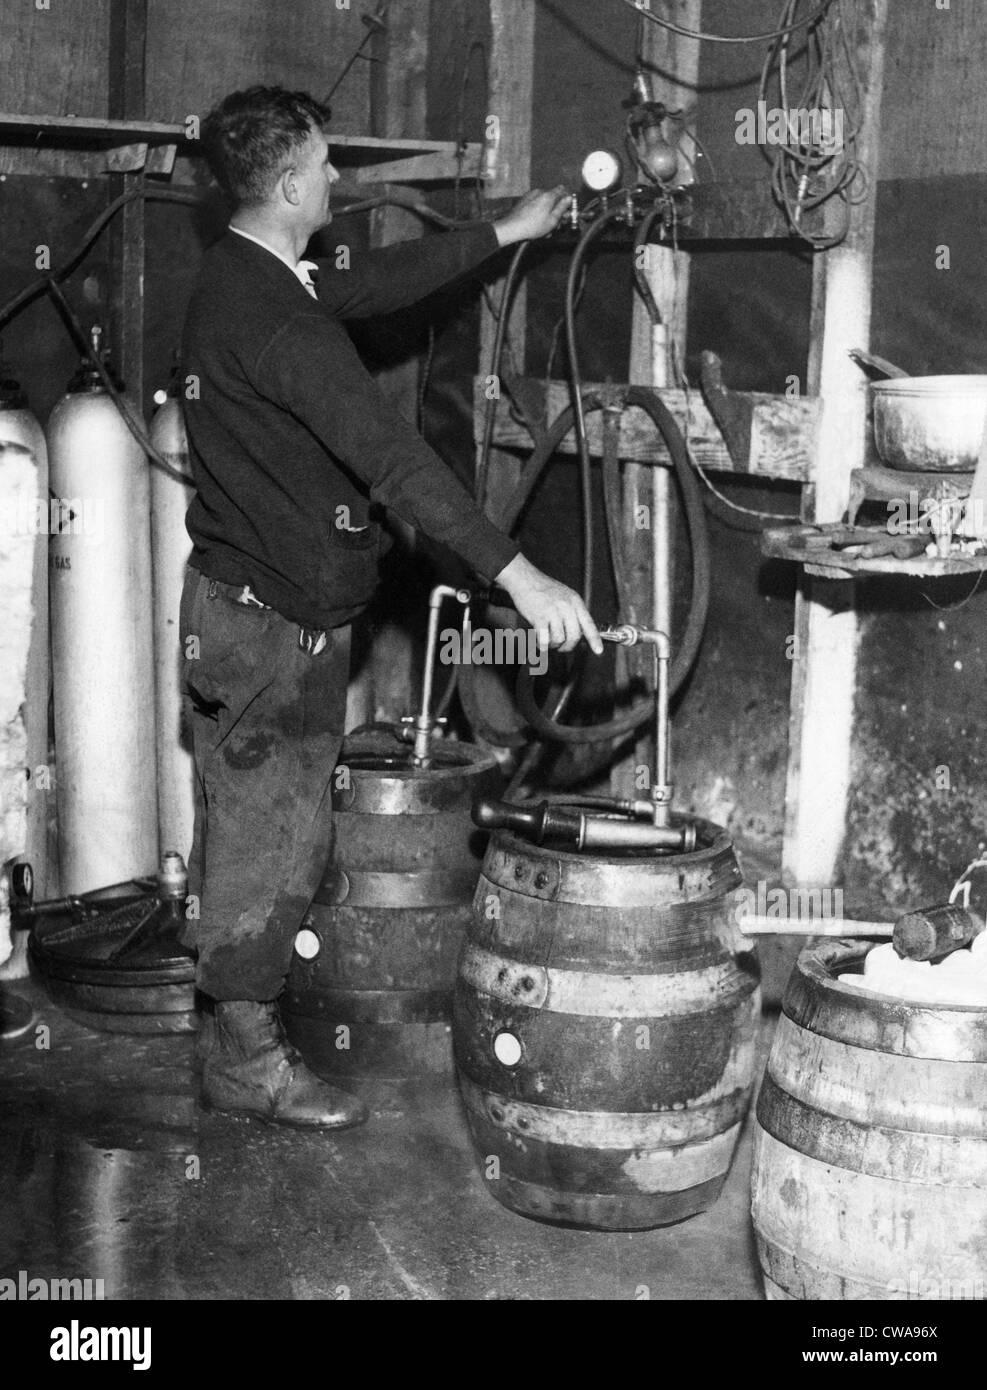 """Ein """"Brewmeister"""" füllt Fässer in einem Bootleg Brauerei während der Prohibition, 1933. Stockbild"""